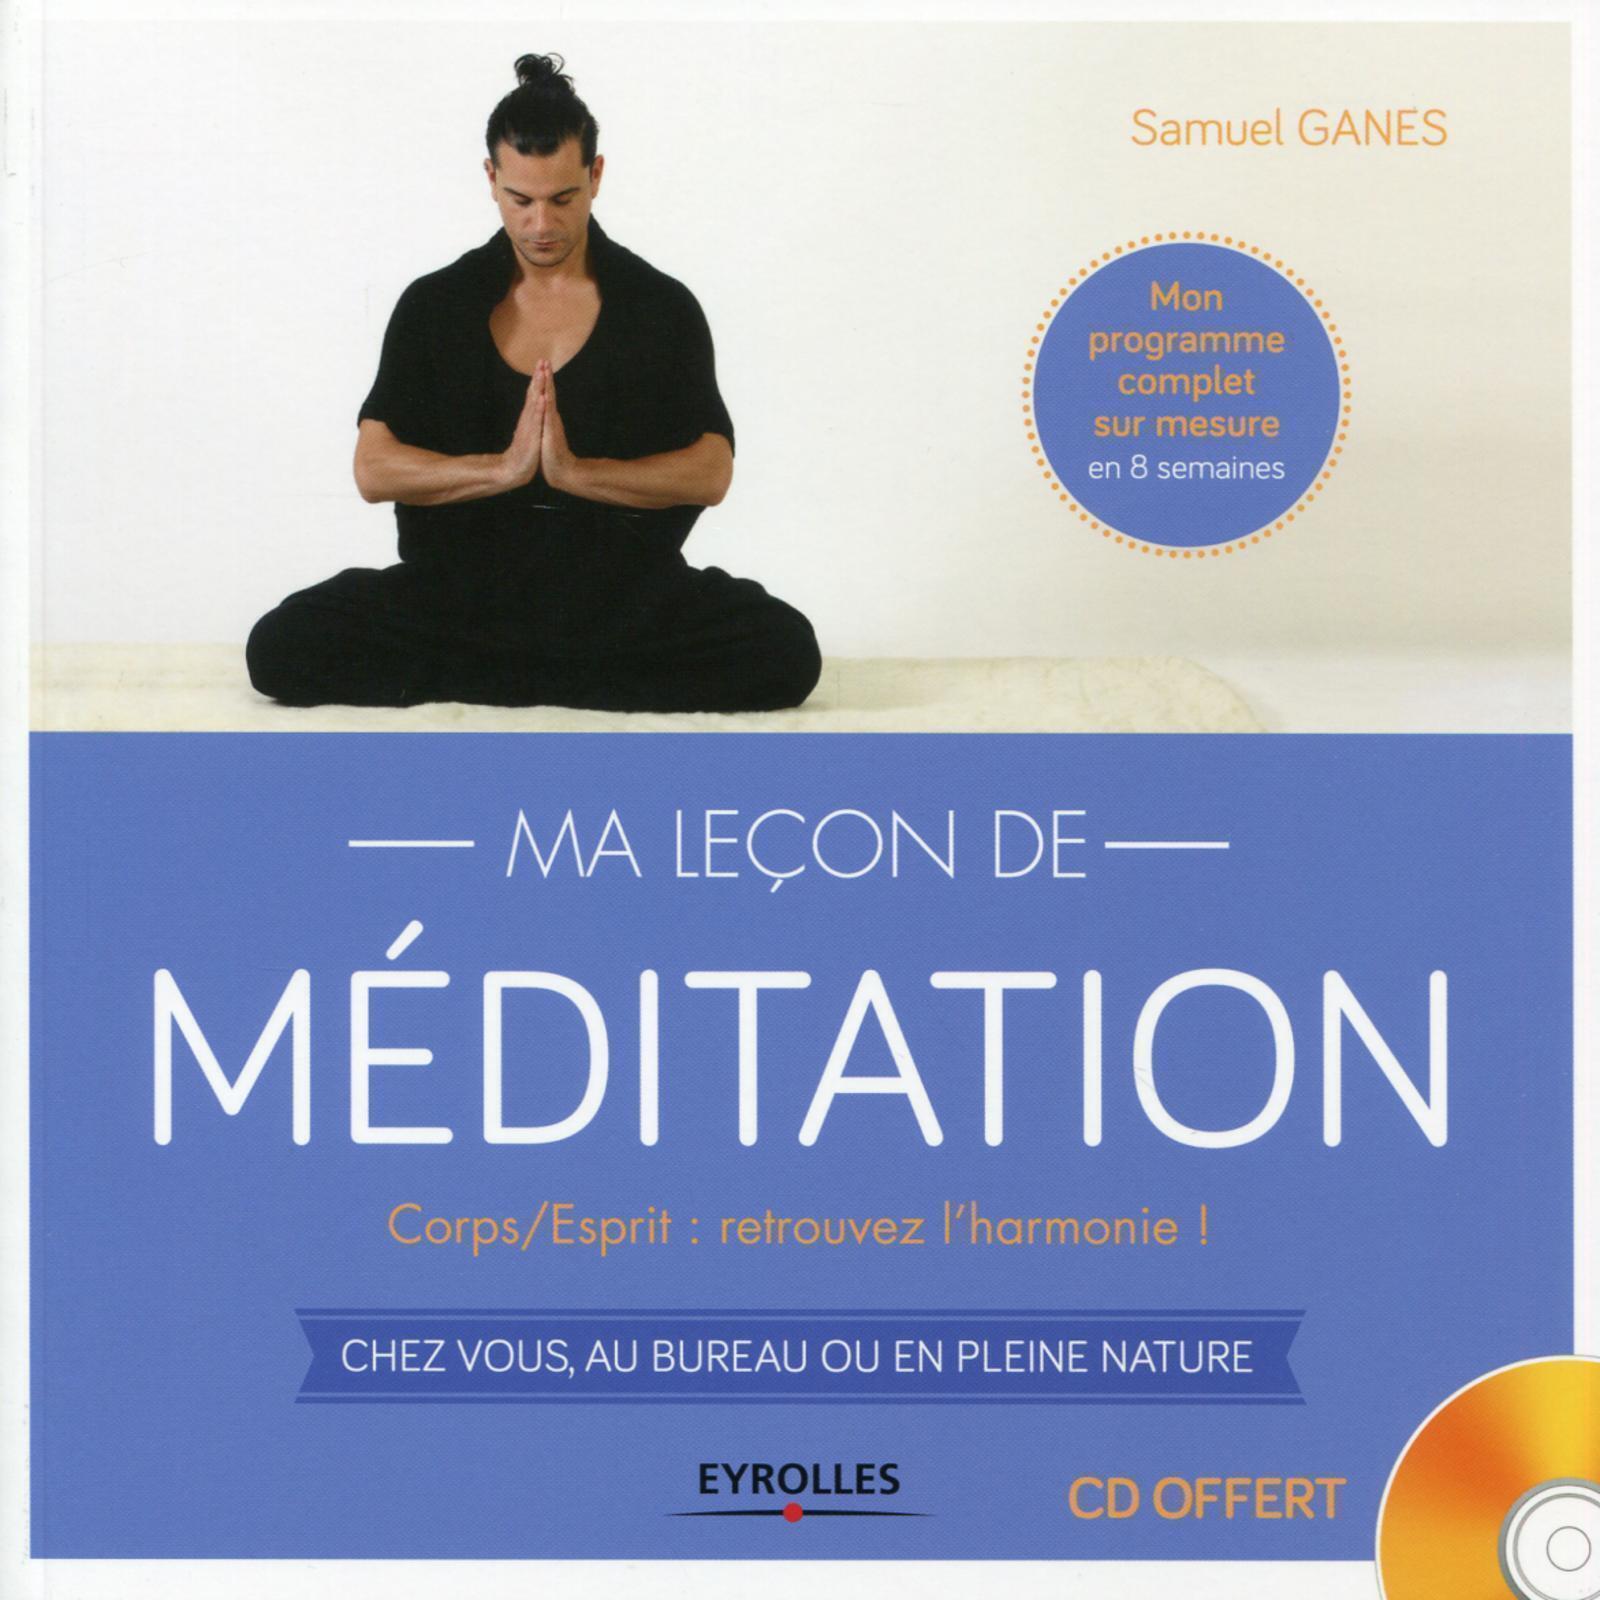 MA LECON DE MEDITATION - CORPS/ESPRIT : RETROUVEZ L'HARMONIE ! CHEZ VOUS, AU BUREAU OU EN PLEINE NAT